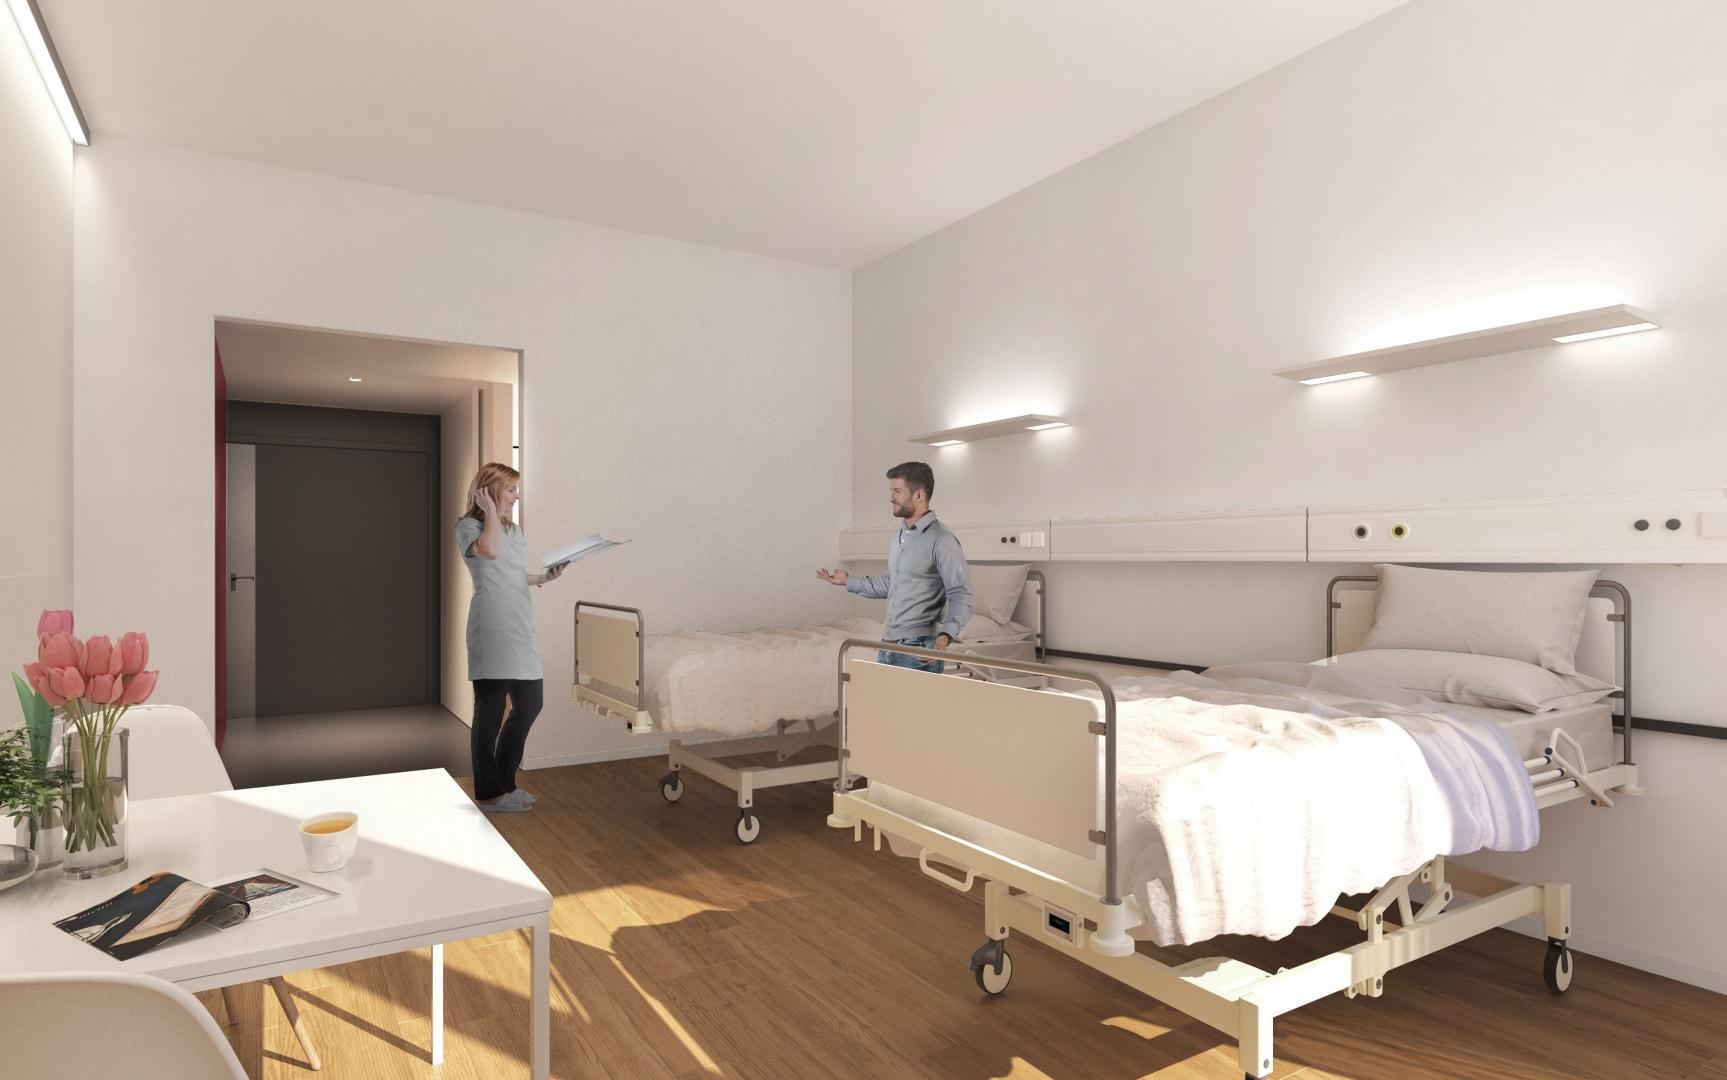 BB12 - Doppelzimmer © Planergemeinschaft Archipel, Seelandweg 7, 3013 Bern